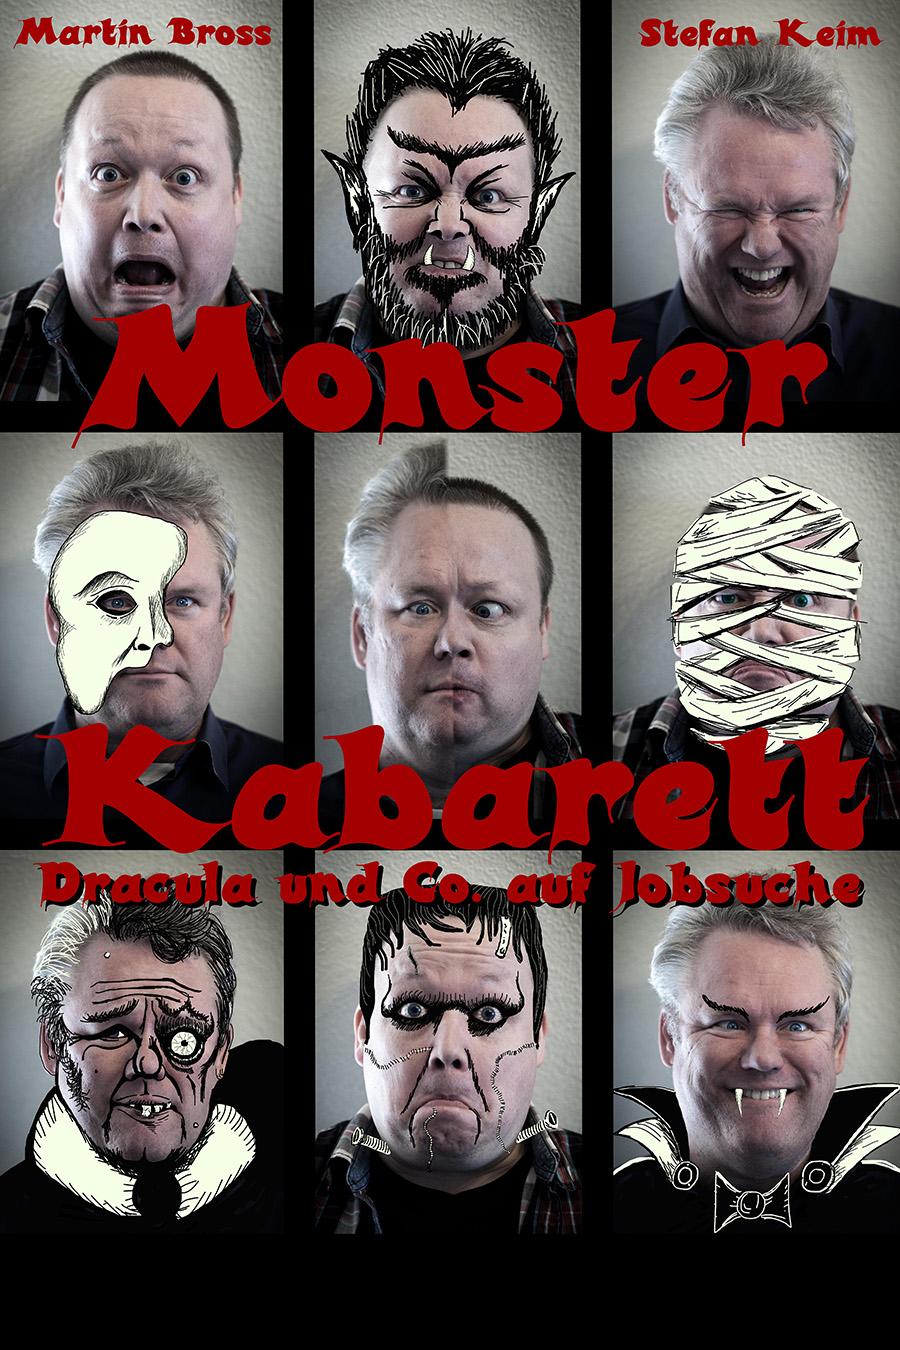 Monster Kabarett<br>Lachen bis das Blut gefriert – Dracula & Co. auf Jobsuche